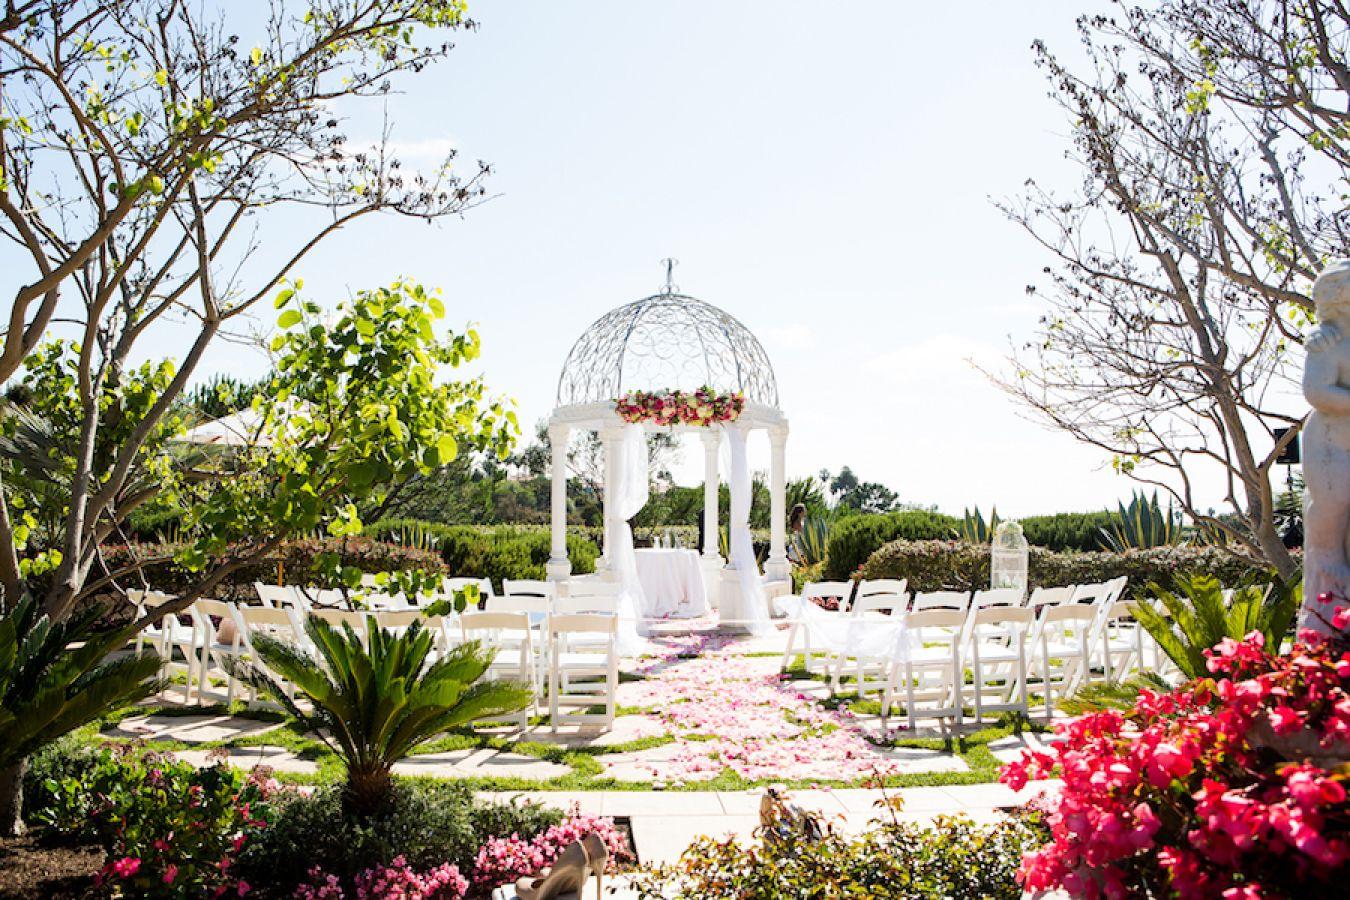 SPG Weddings by Starwood Hotels California wedding